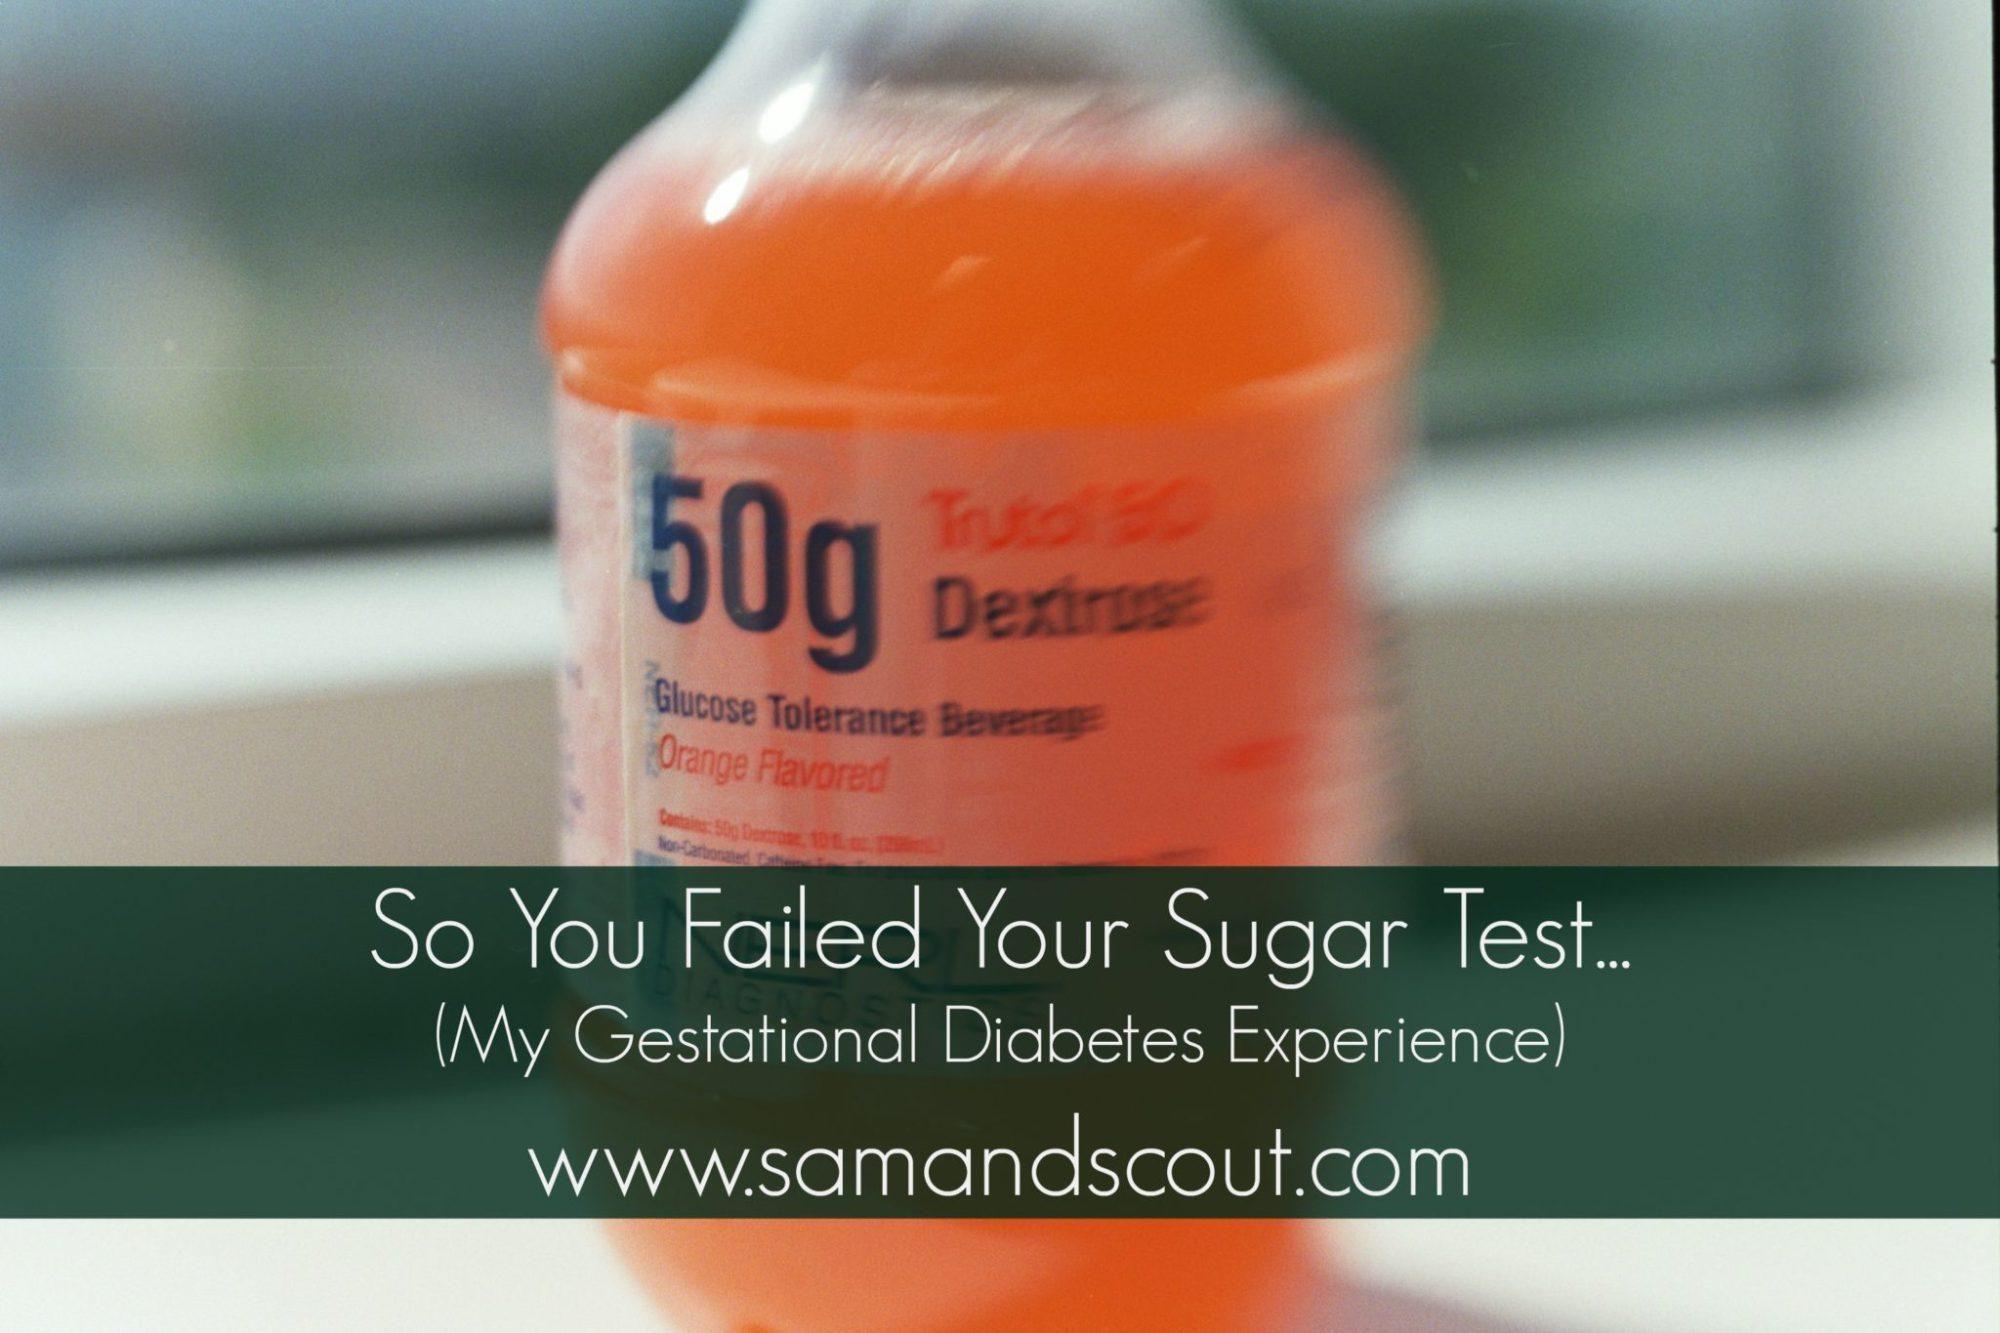 Ate Sugar Before Glucose Test